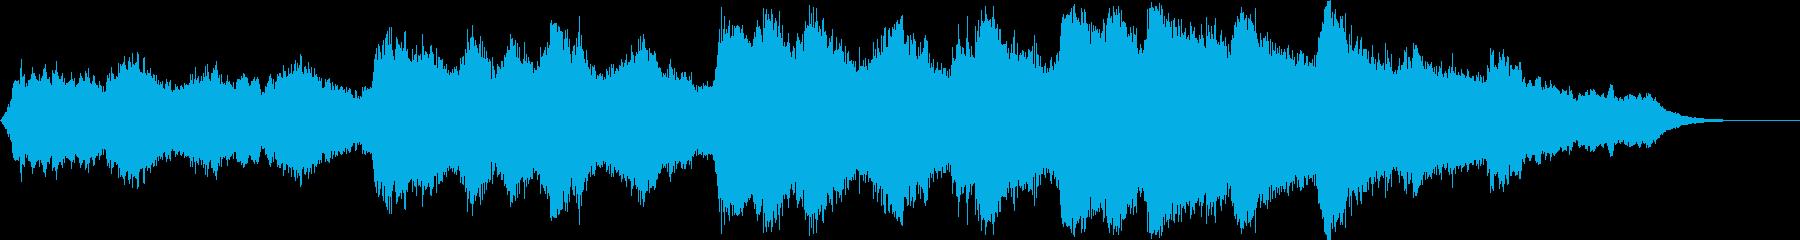 オーケストラ 成功 功績 旅の終わりにの再生済みの波形